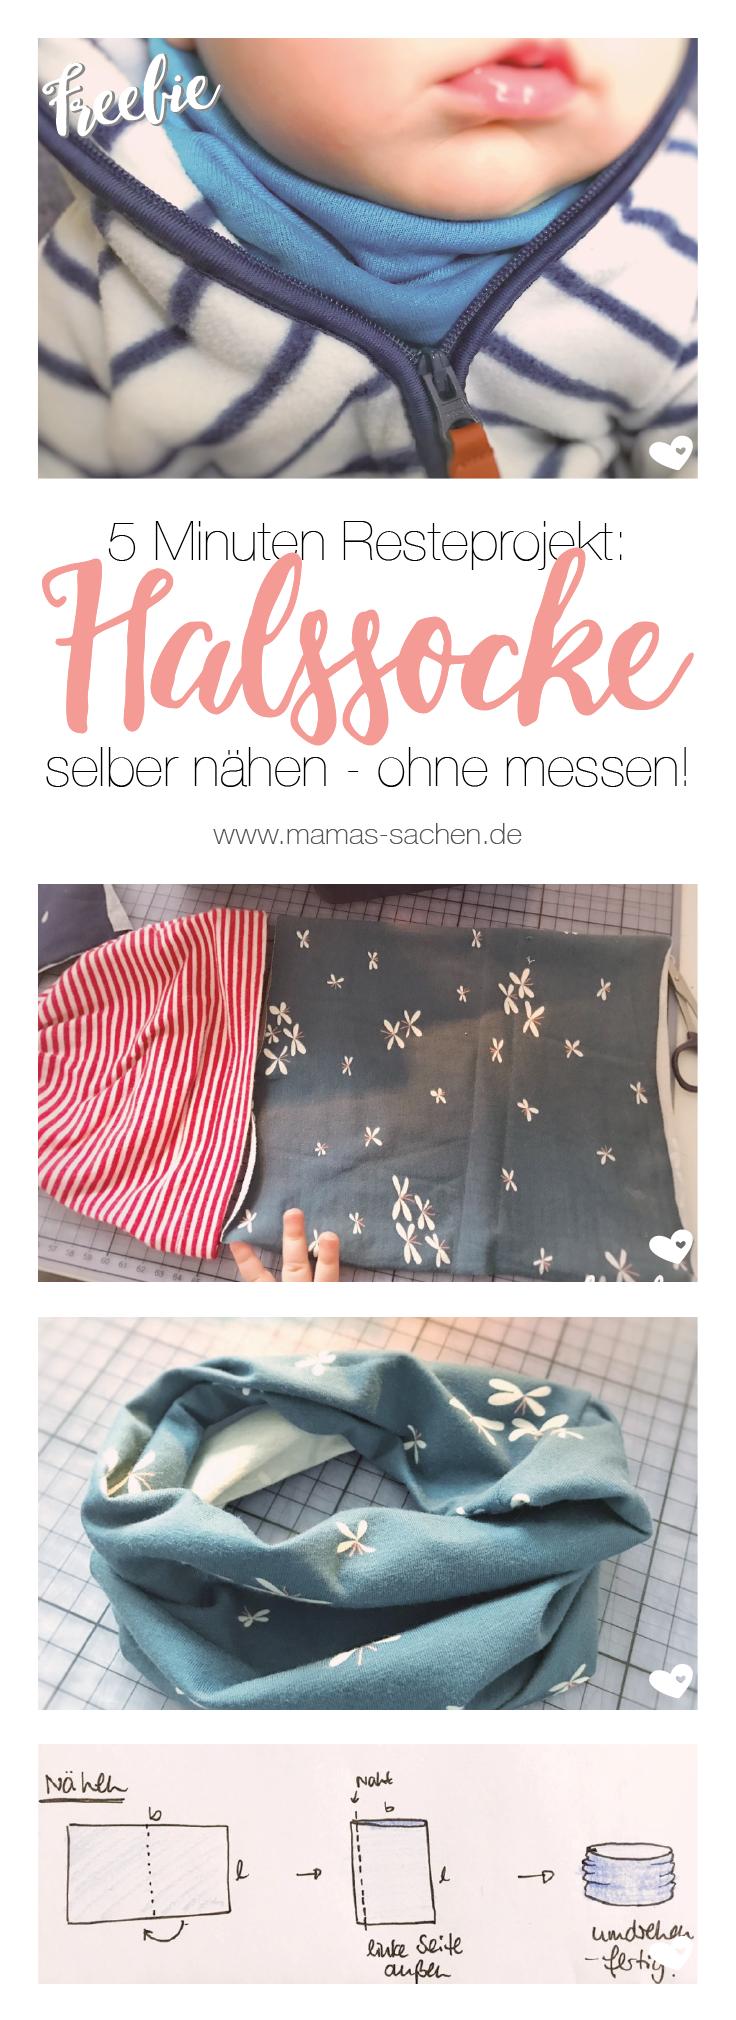 Halssocke nähen - kostenlose Anleitung und Schnittmuster - Mamas Sachen